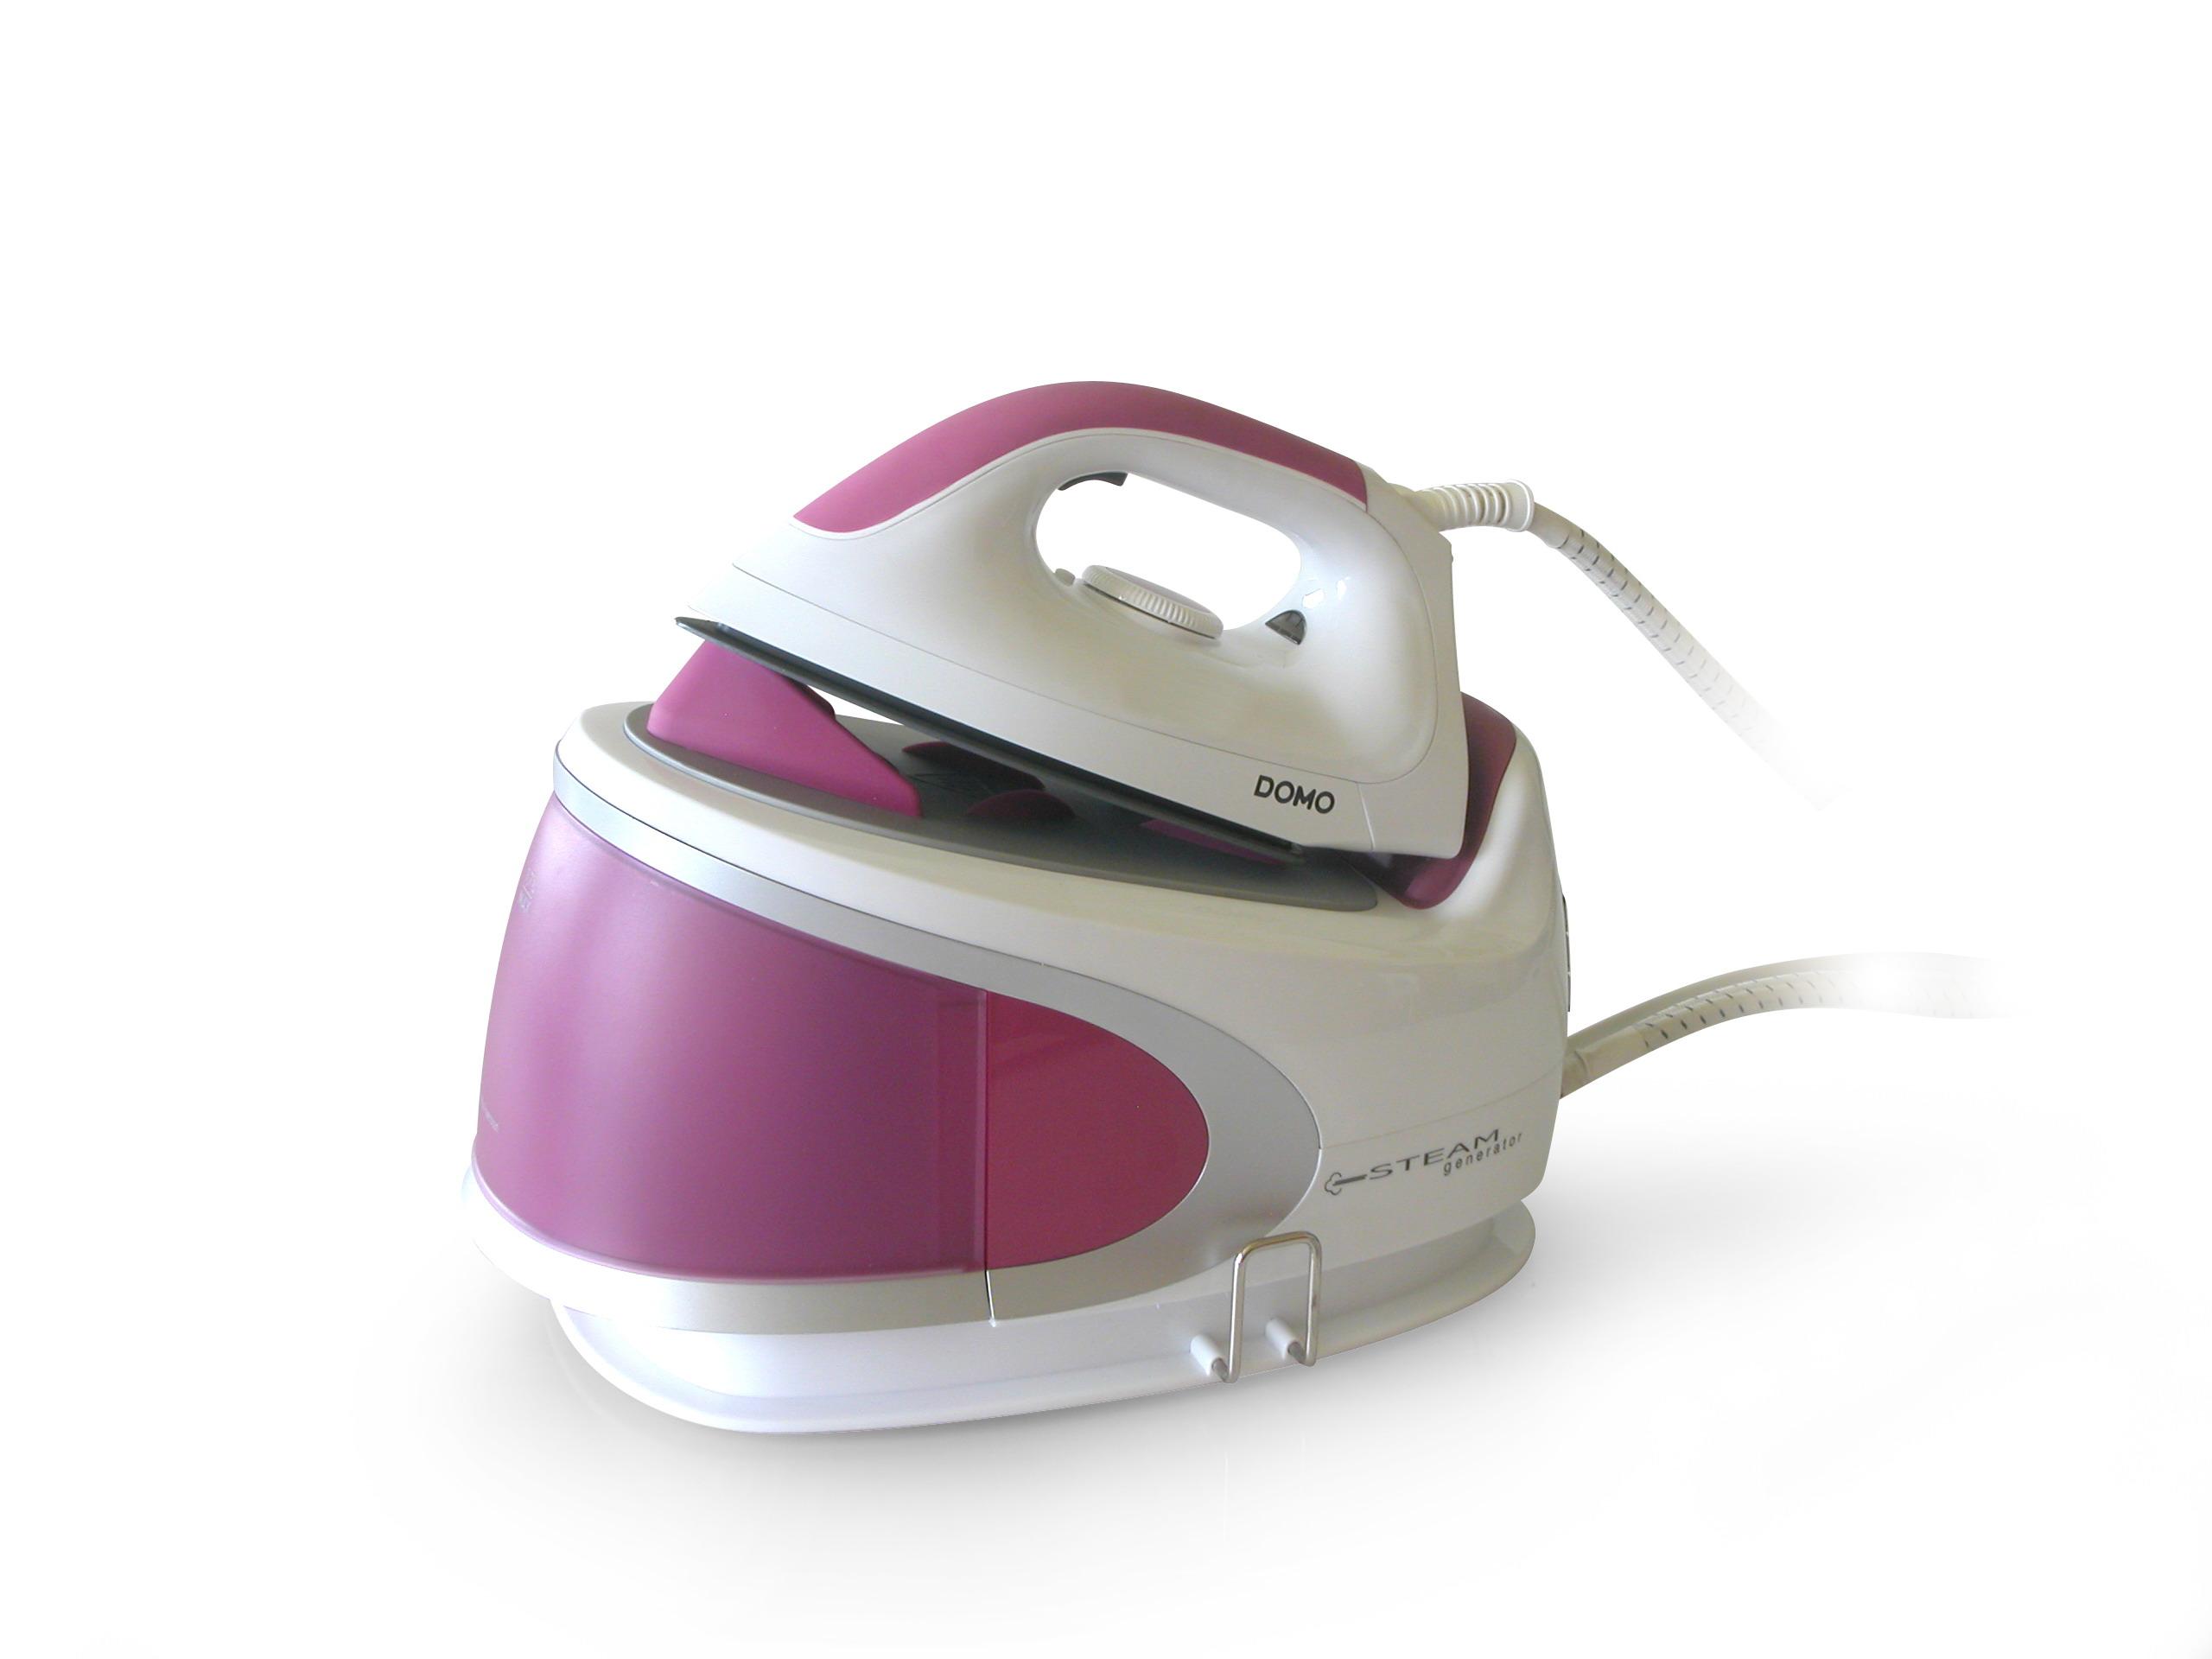 Žehlička s parním generátorem 4,5 bar - DOMO DO7082S, koš na prádlo zdarma + doprava zdarma